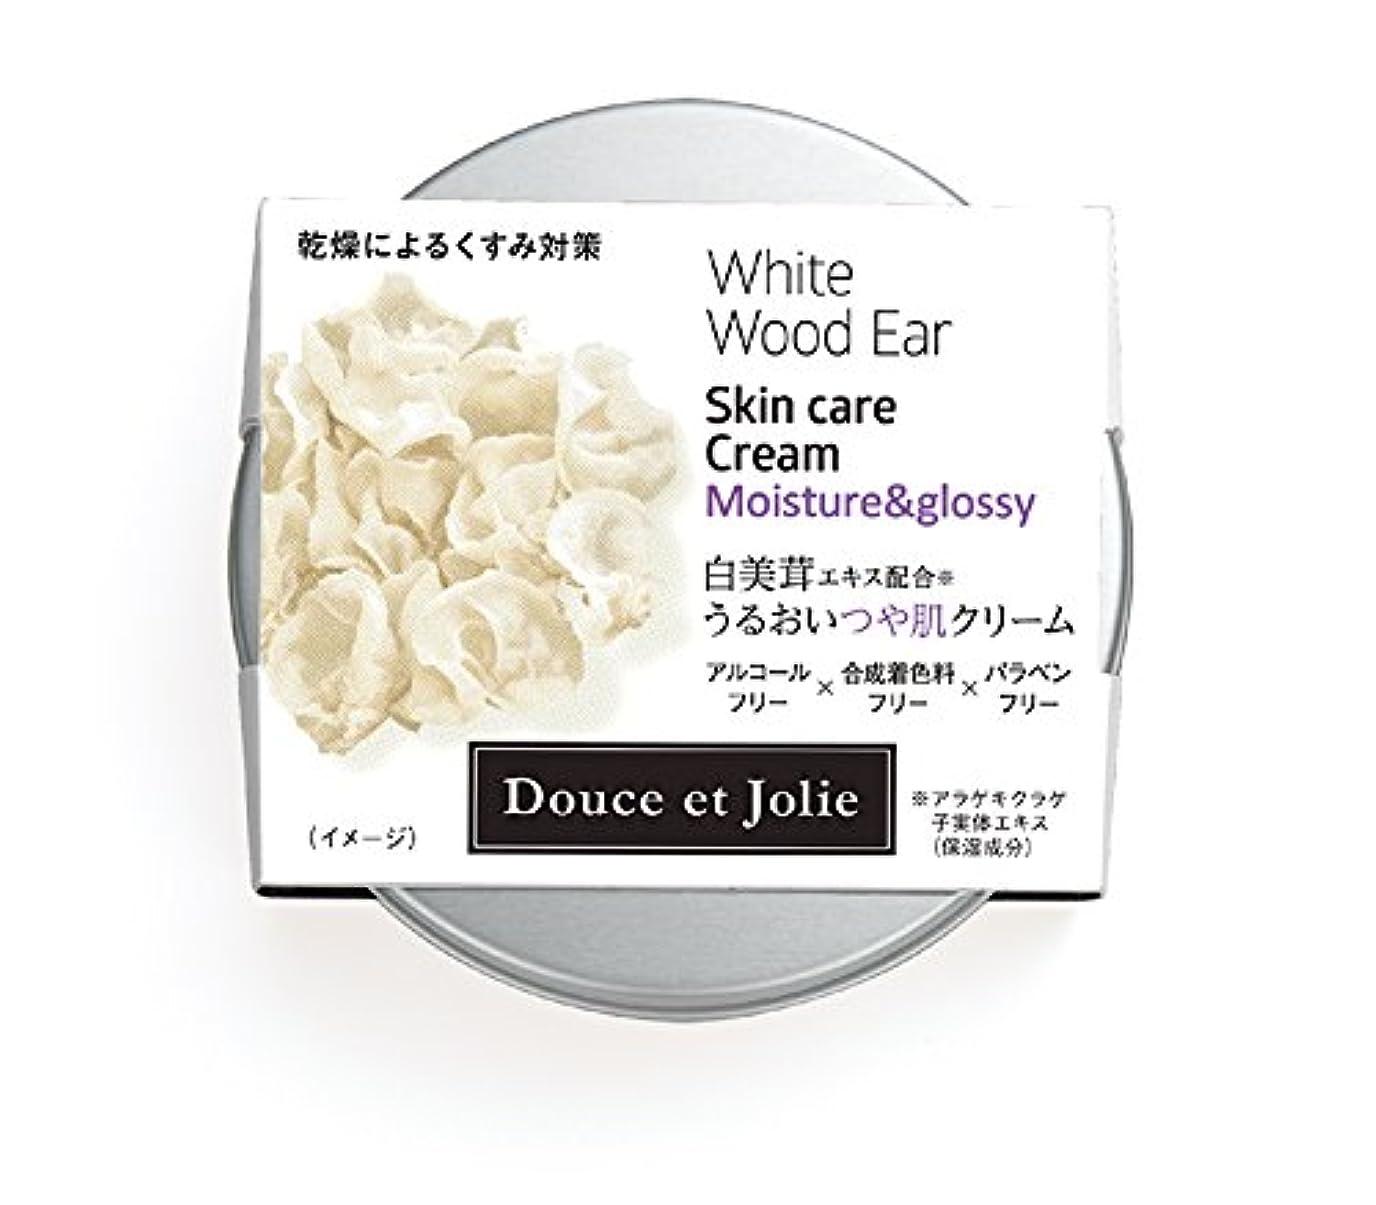 ホステス好戦的な示す白美茸うるおいつや肌クリーム